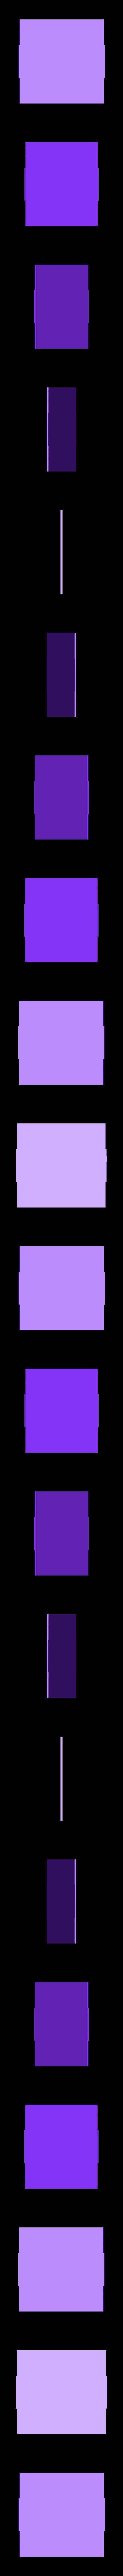 bureau4.STL Télécharger fichier STL gratuit Bureau  • Design pour impression 3D, maxgg